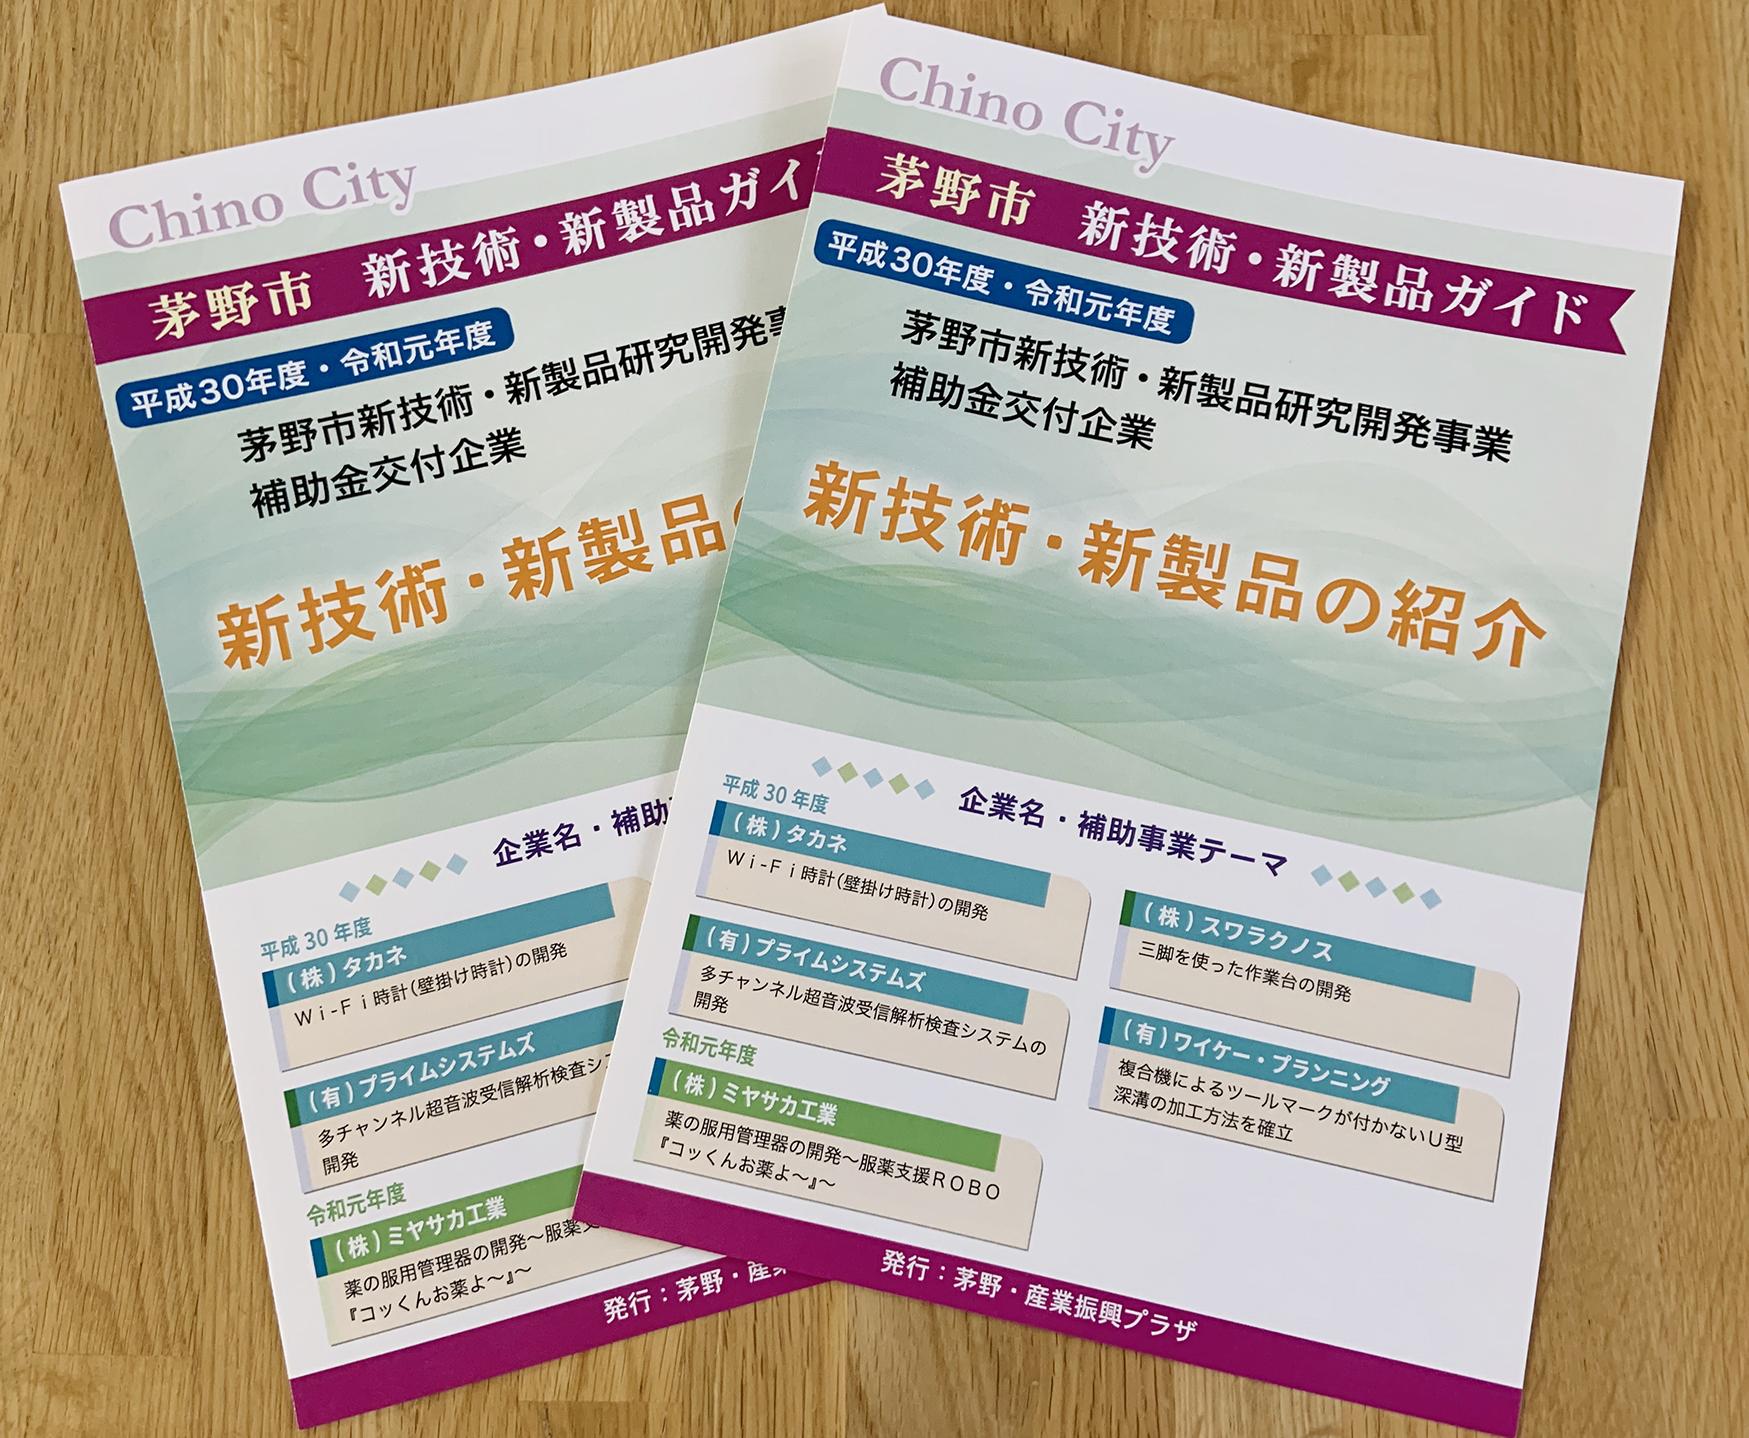 茅野市 新技術・新製品ガイドパンフレットができました。